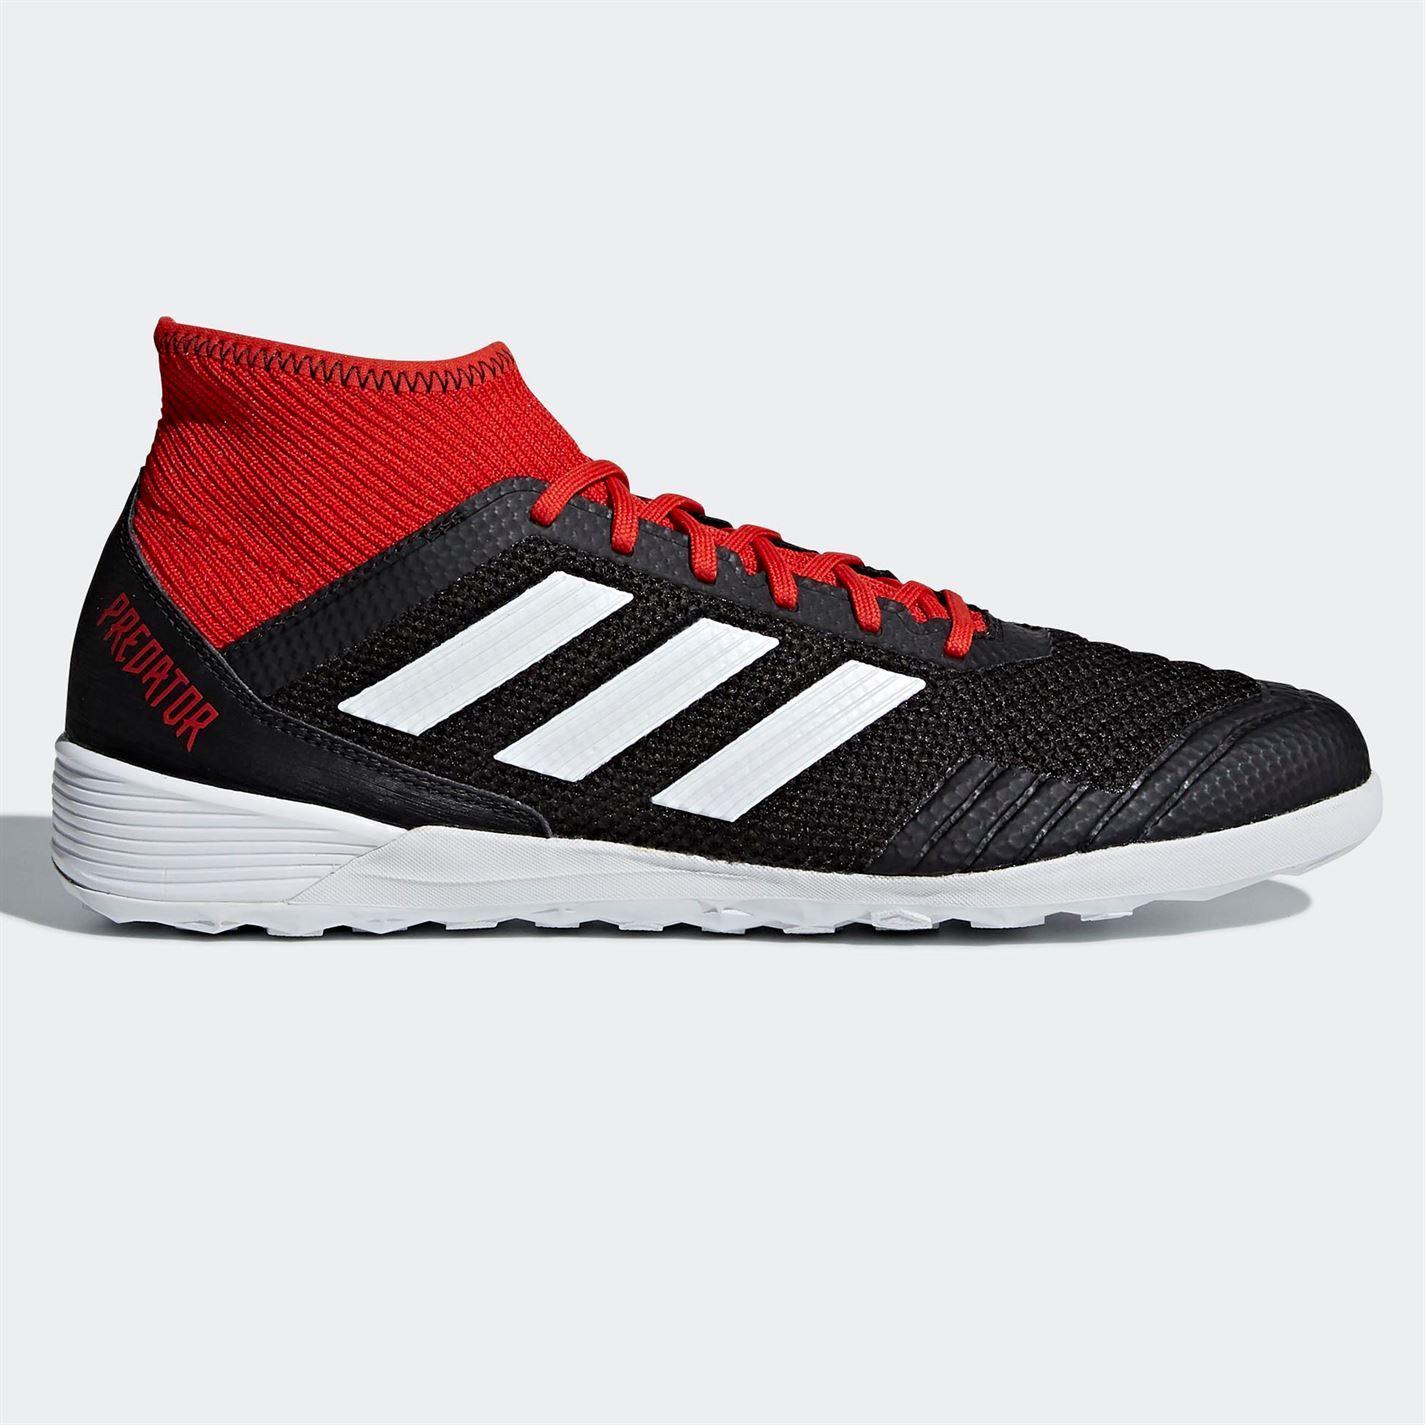 scarpe da calcetto indoor uomo adidas